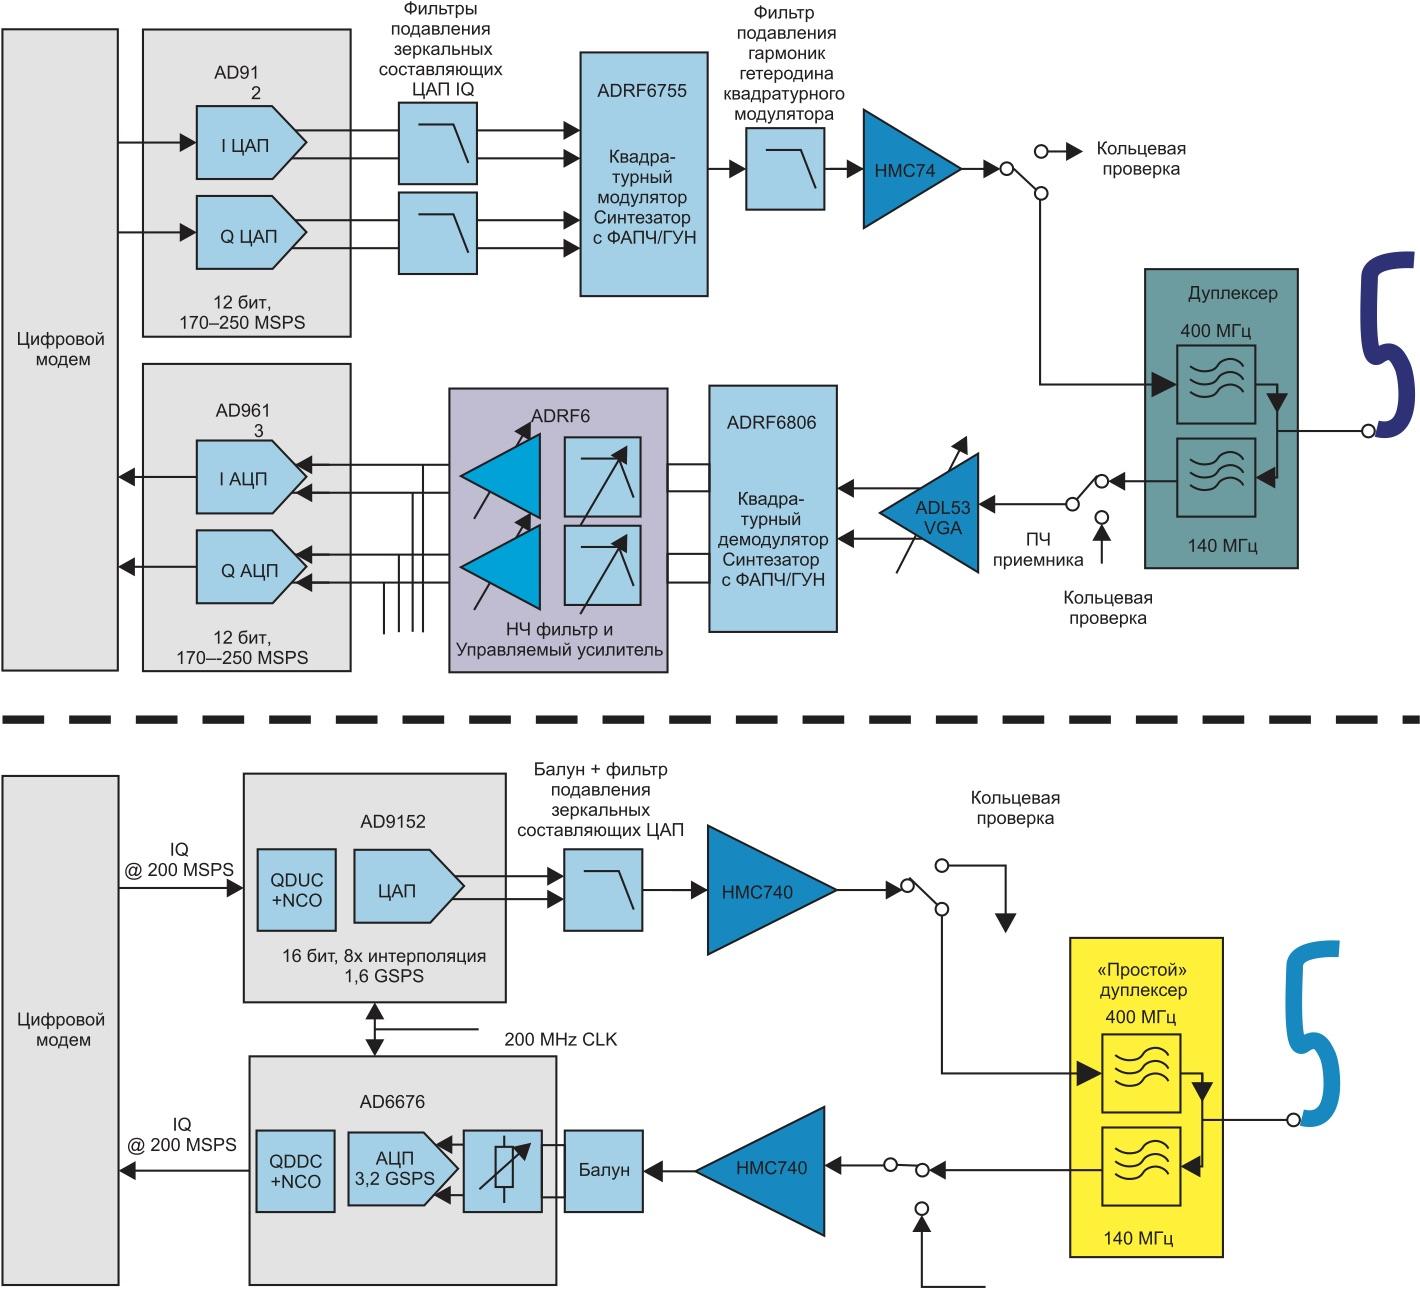 Сравнение традиционной архитектуры трансивера IDU с прямым преобразованием и архитектуры трансивера, использующего высокоскоростные ЦАП и АЦП для непосредственного цифрового синтеза и оцифровки сигналов КАМ в приемнике и передатчике